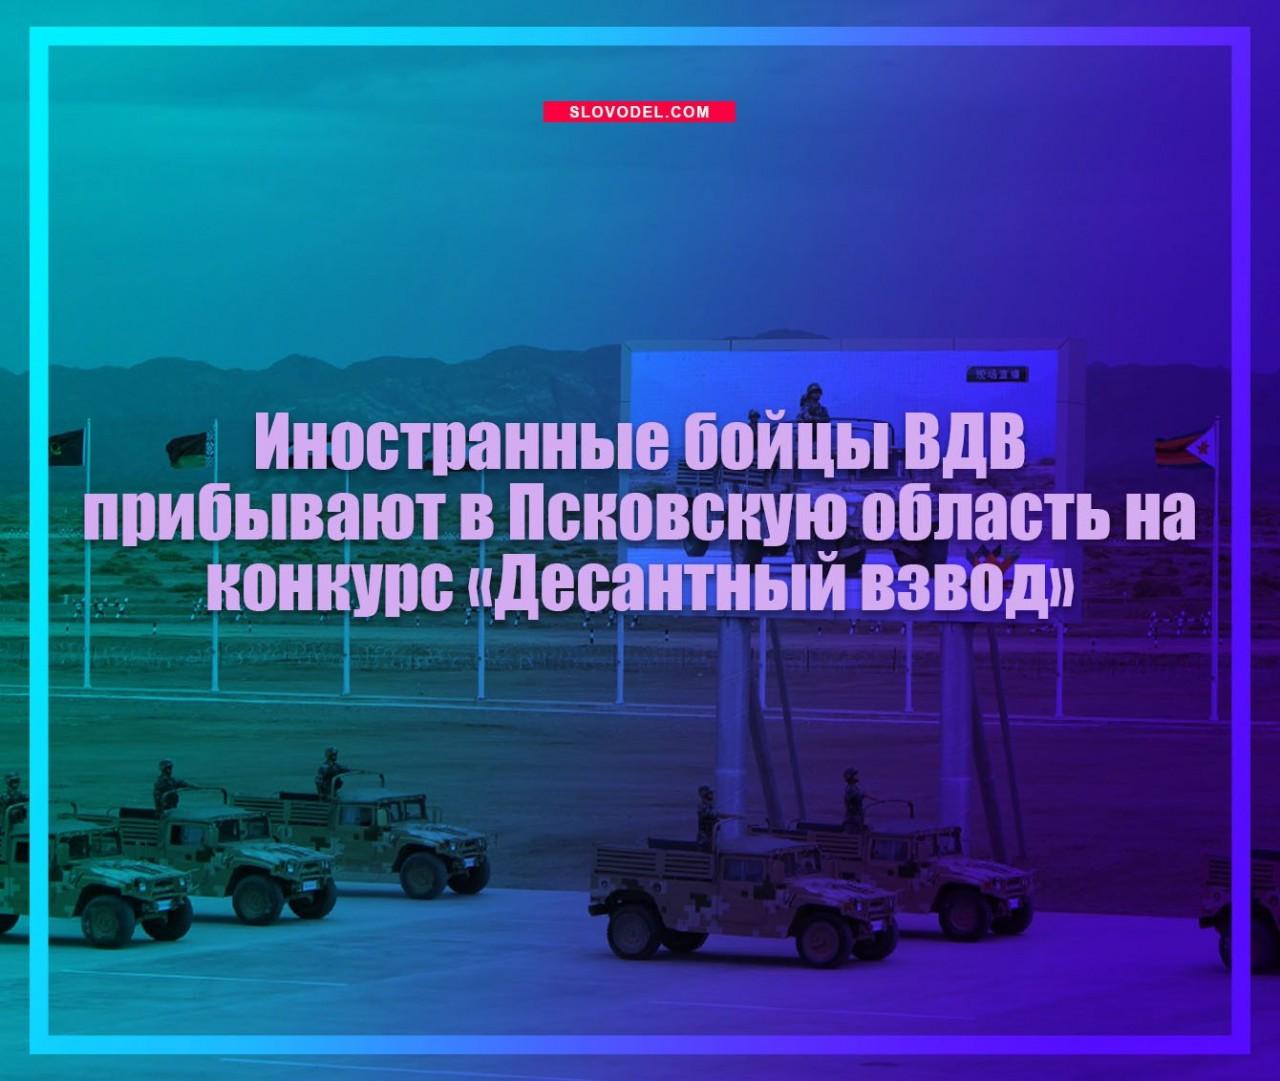 Иностранные бойцы ВДВ прибывают в Псковскую область на конкурс «Десантный взвод»